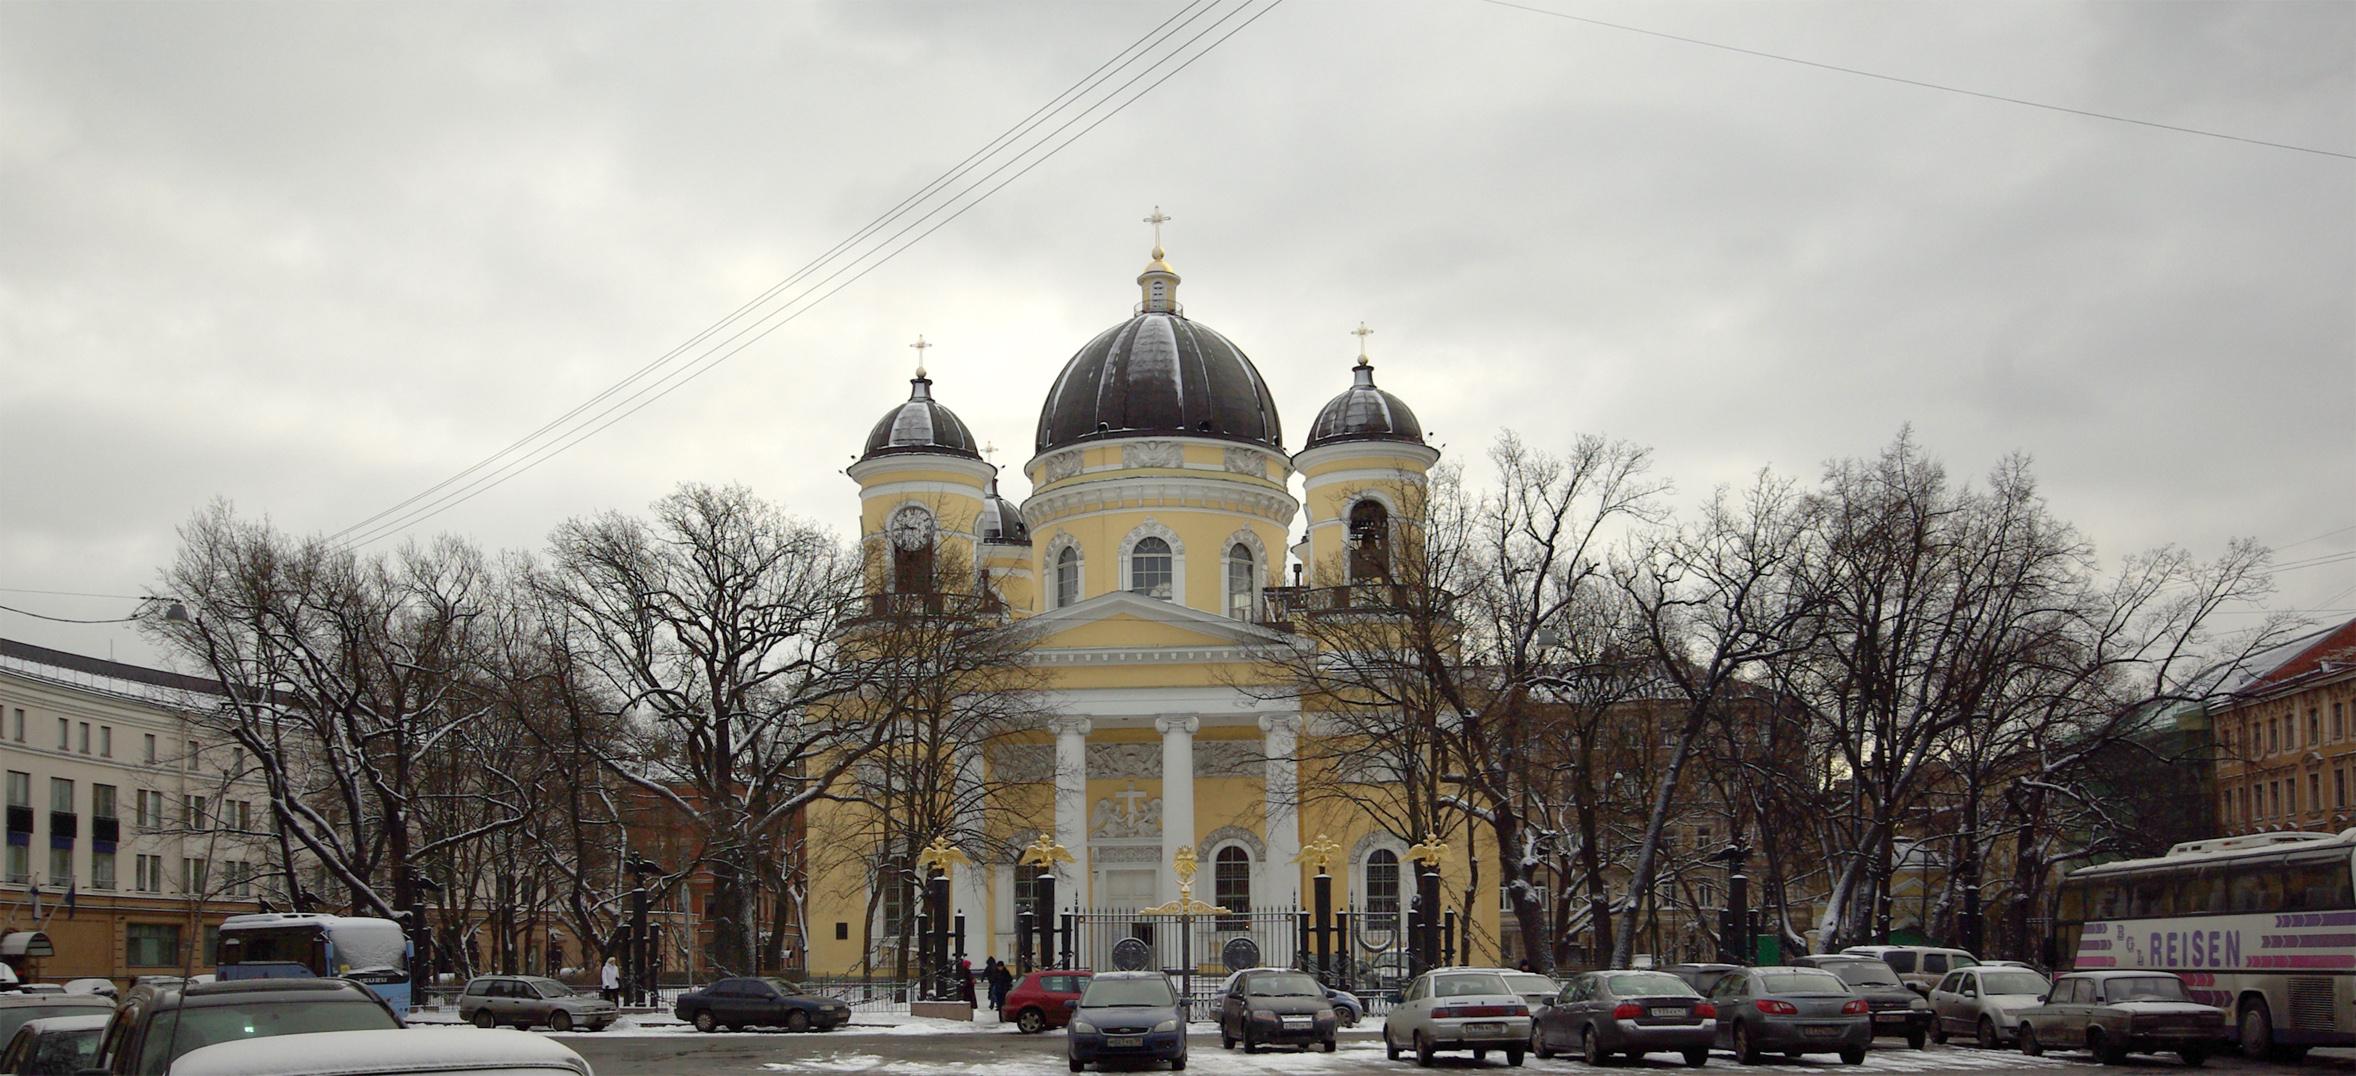 主显圣容主教座堂 (圣彼得堡)